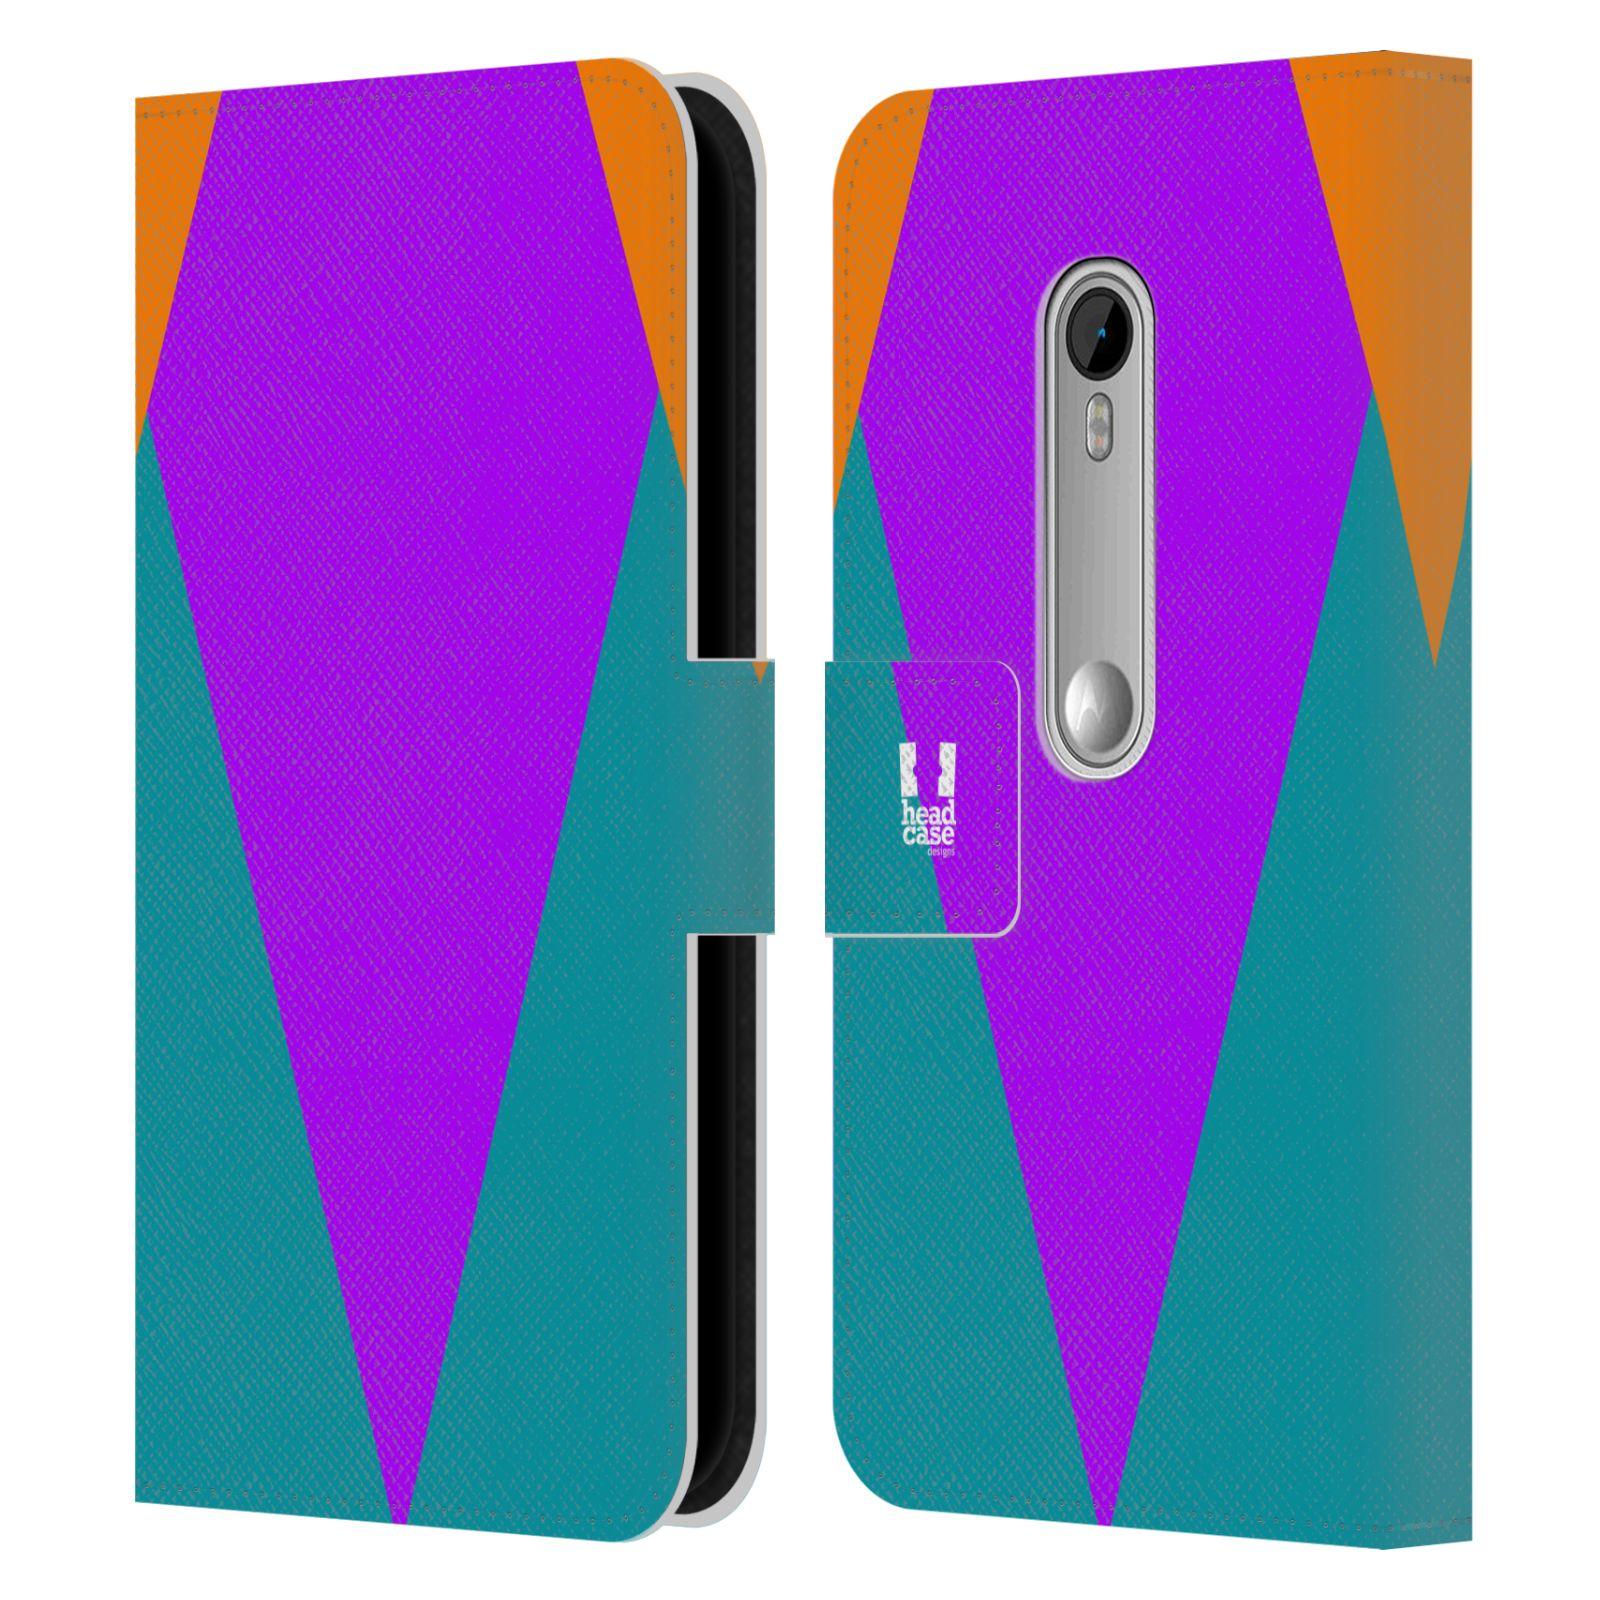 HEAD CASE Flipové pouzdro pro mobil Motorola MOTO G 3RD GENERATION barevné tvary šipka fialová